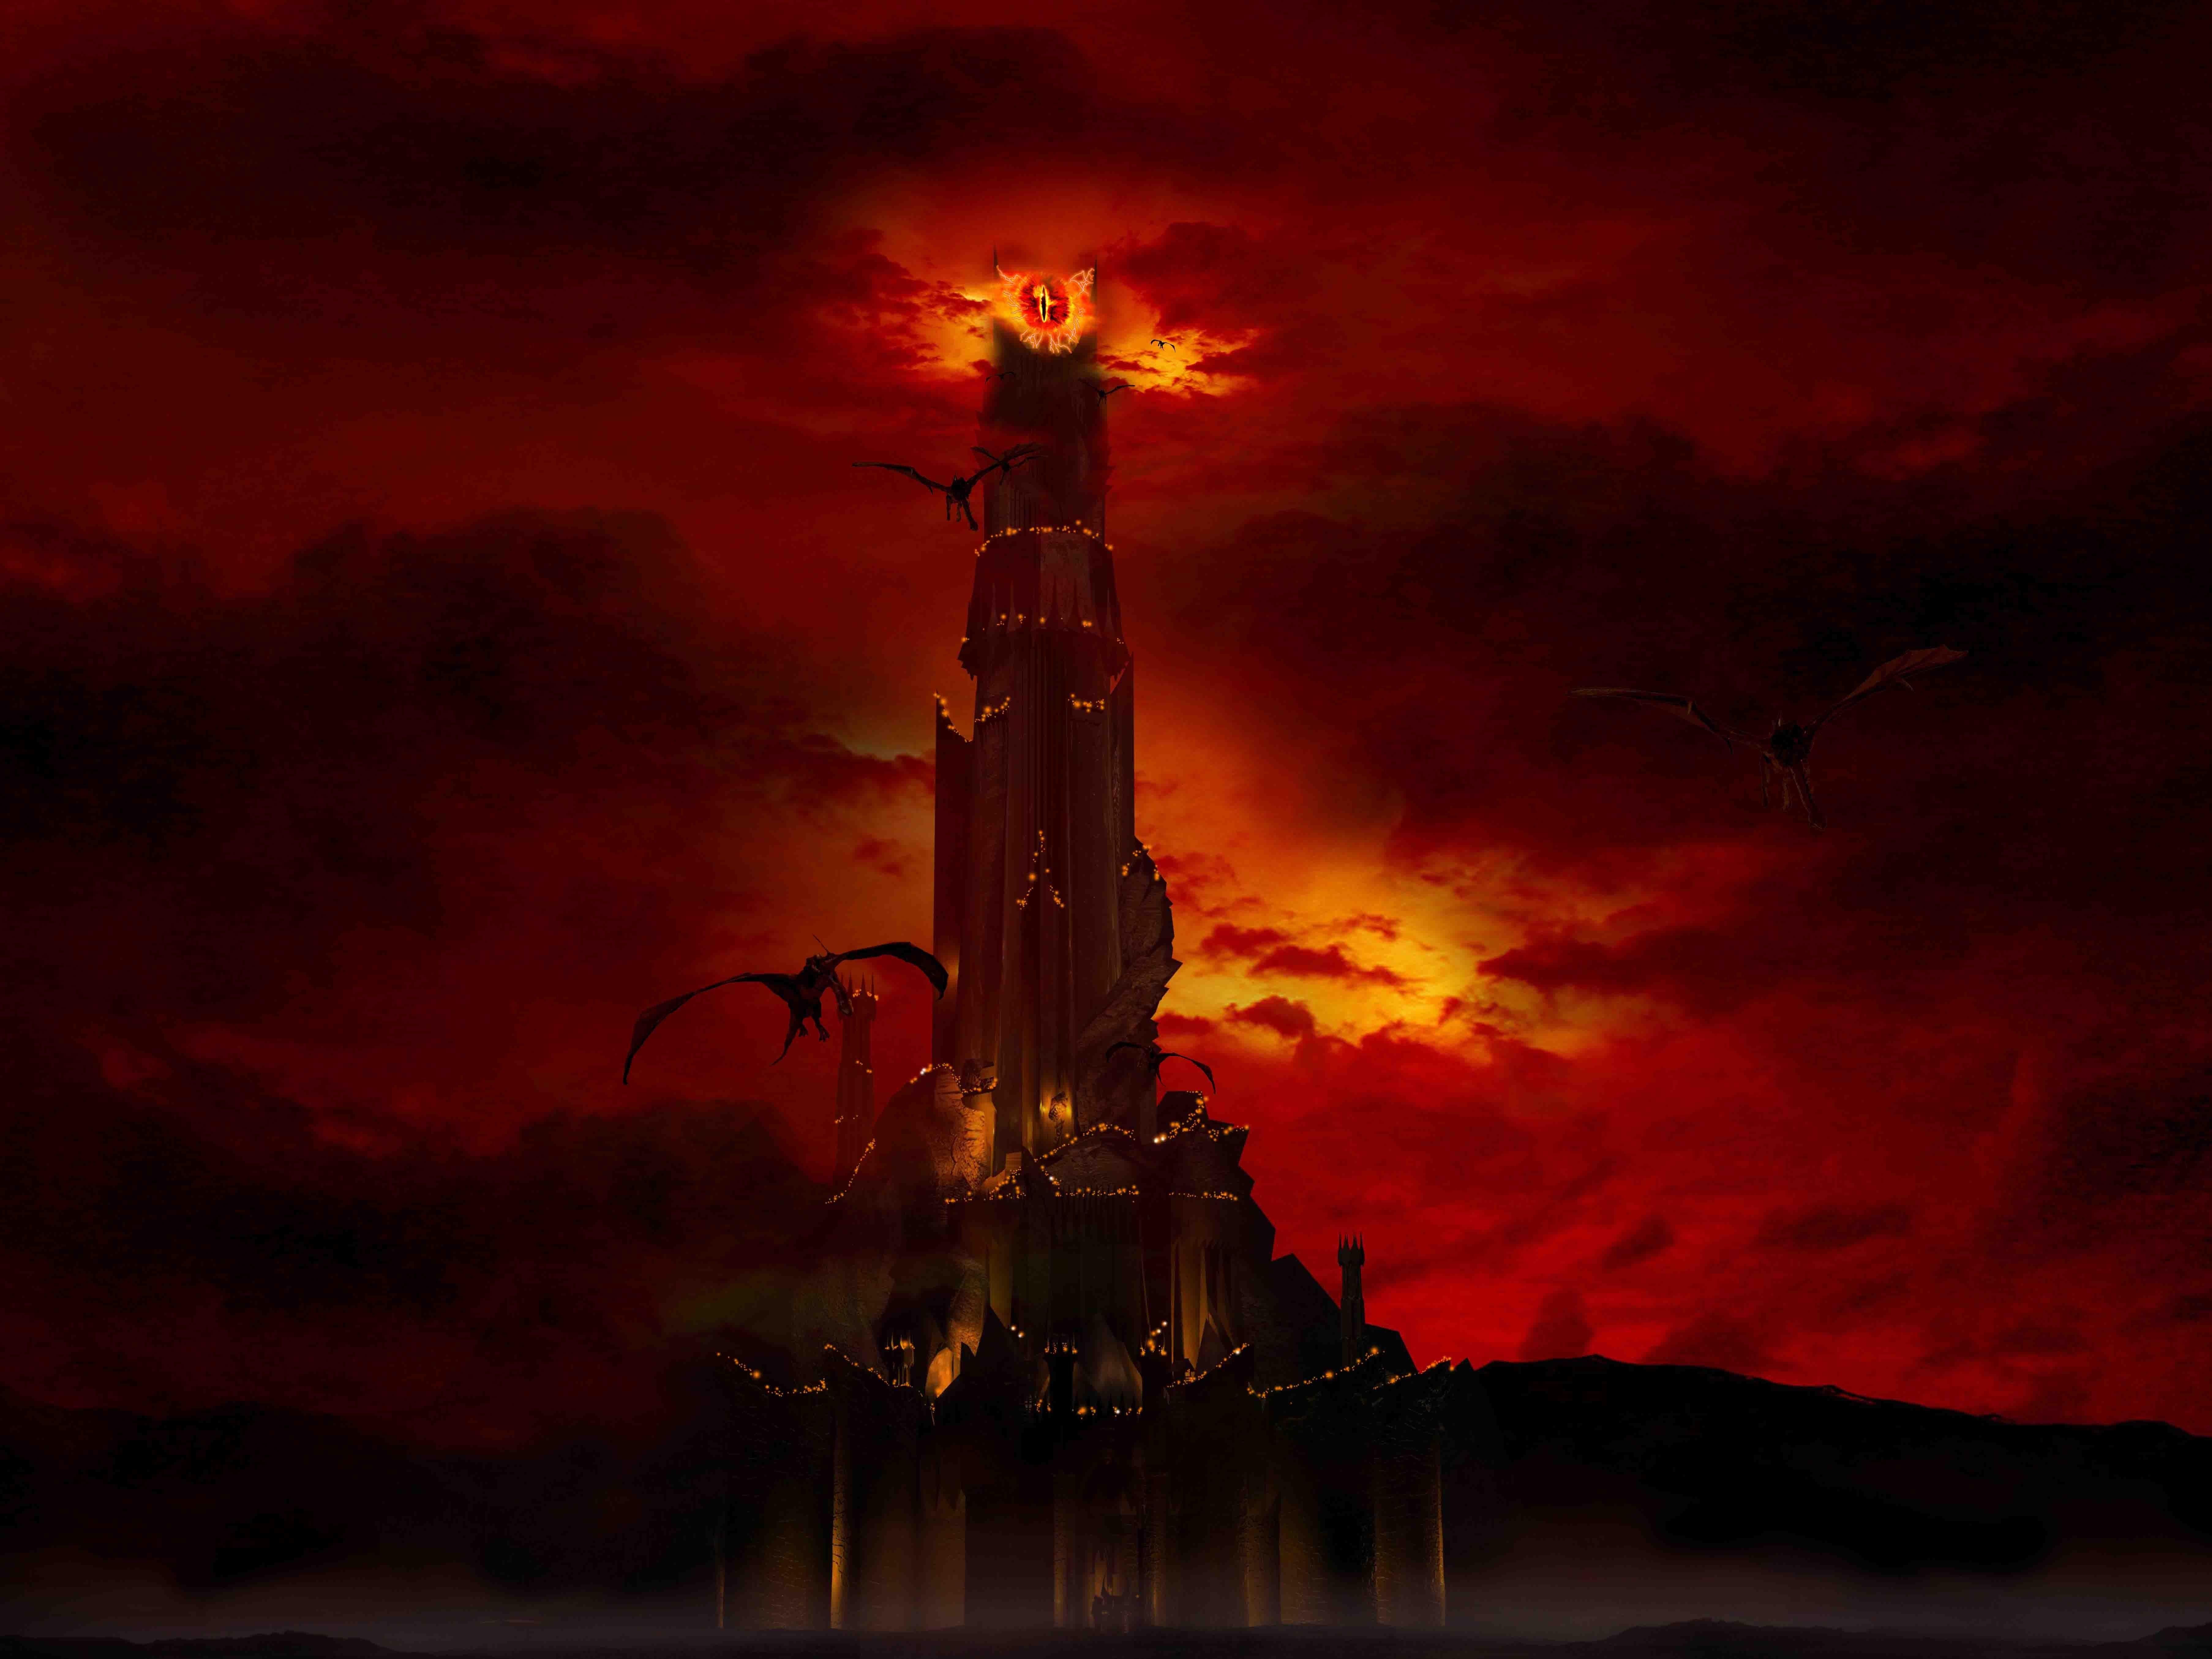 ¿Cómo se llamaba la fortaleza de Sauron en Mordor?